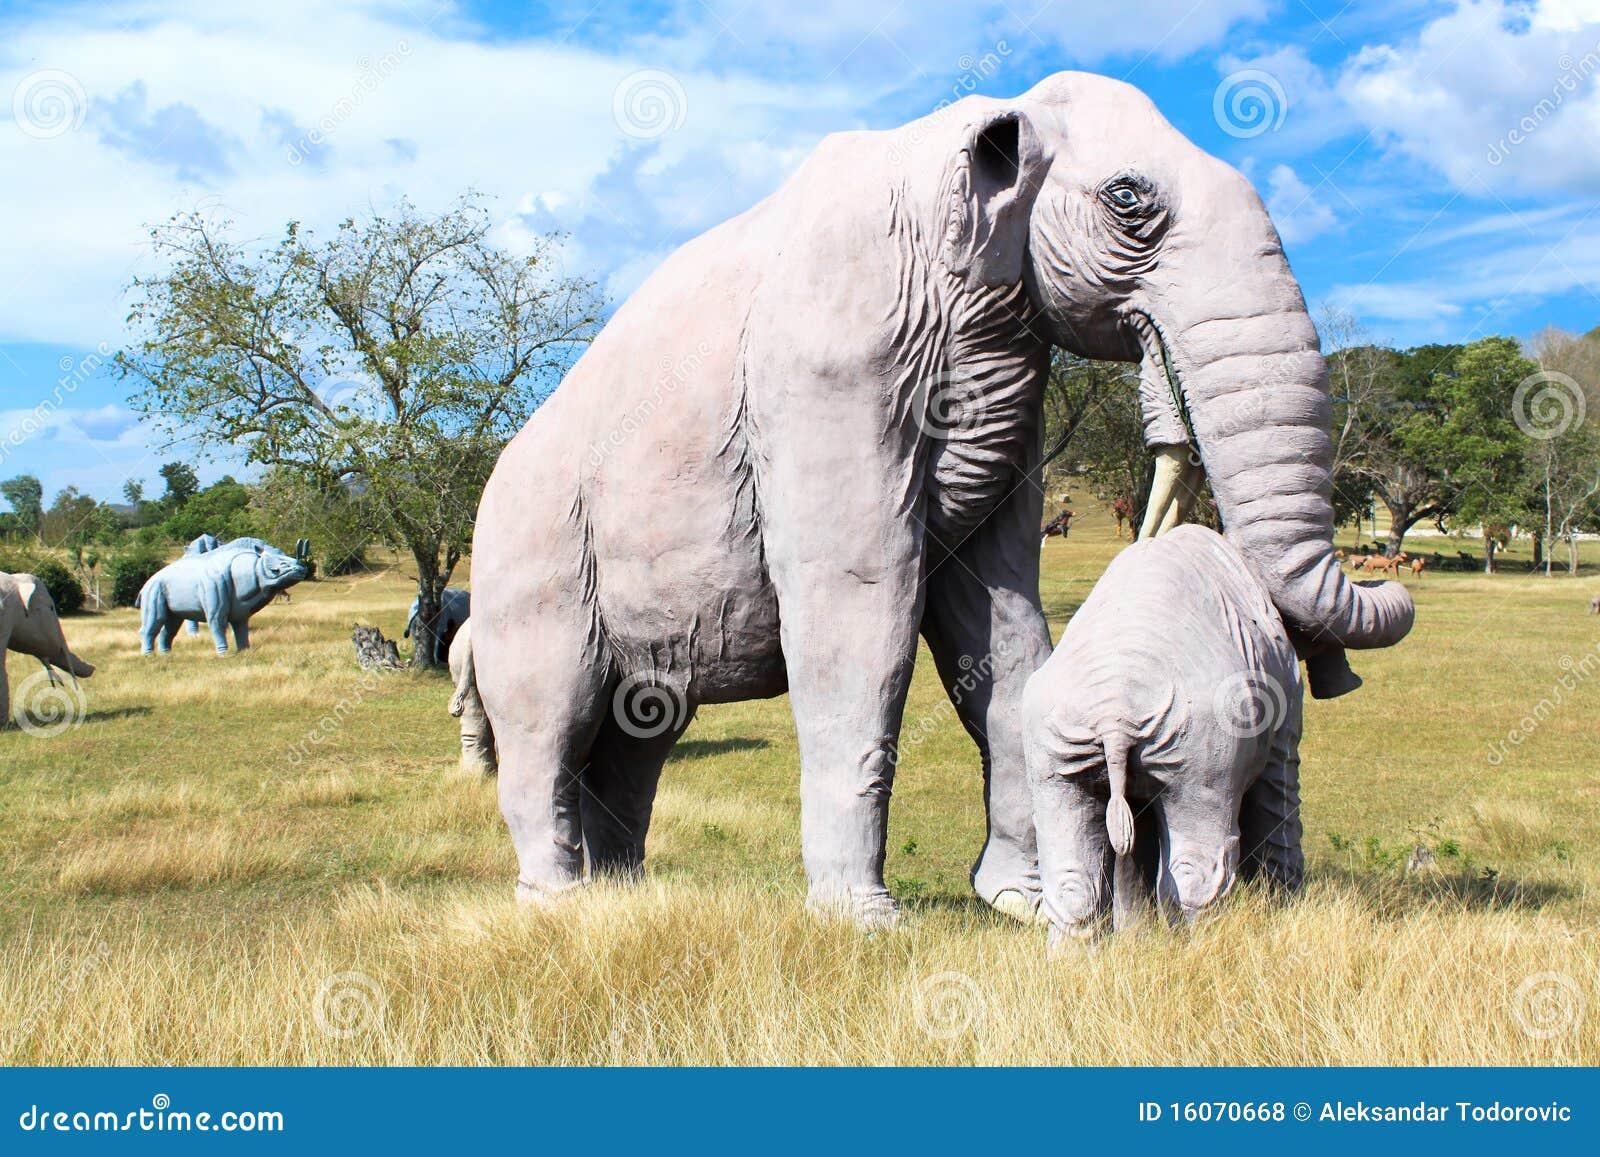 Reproducción de un mamut en el parque jurásico Baconao